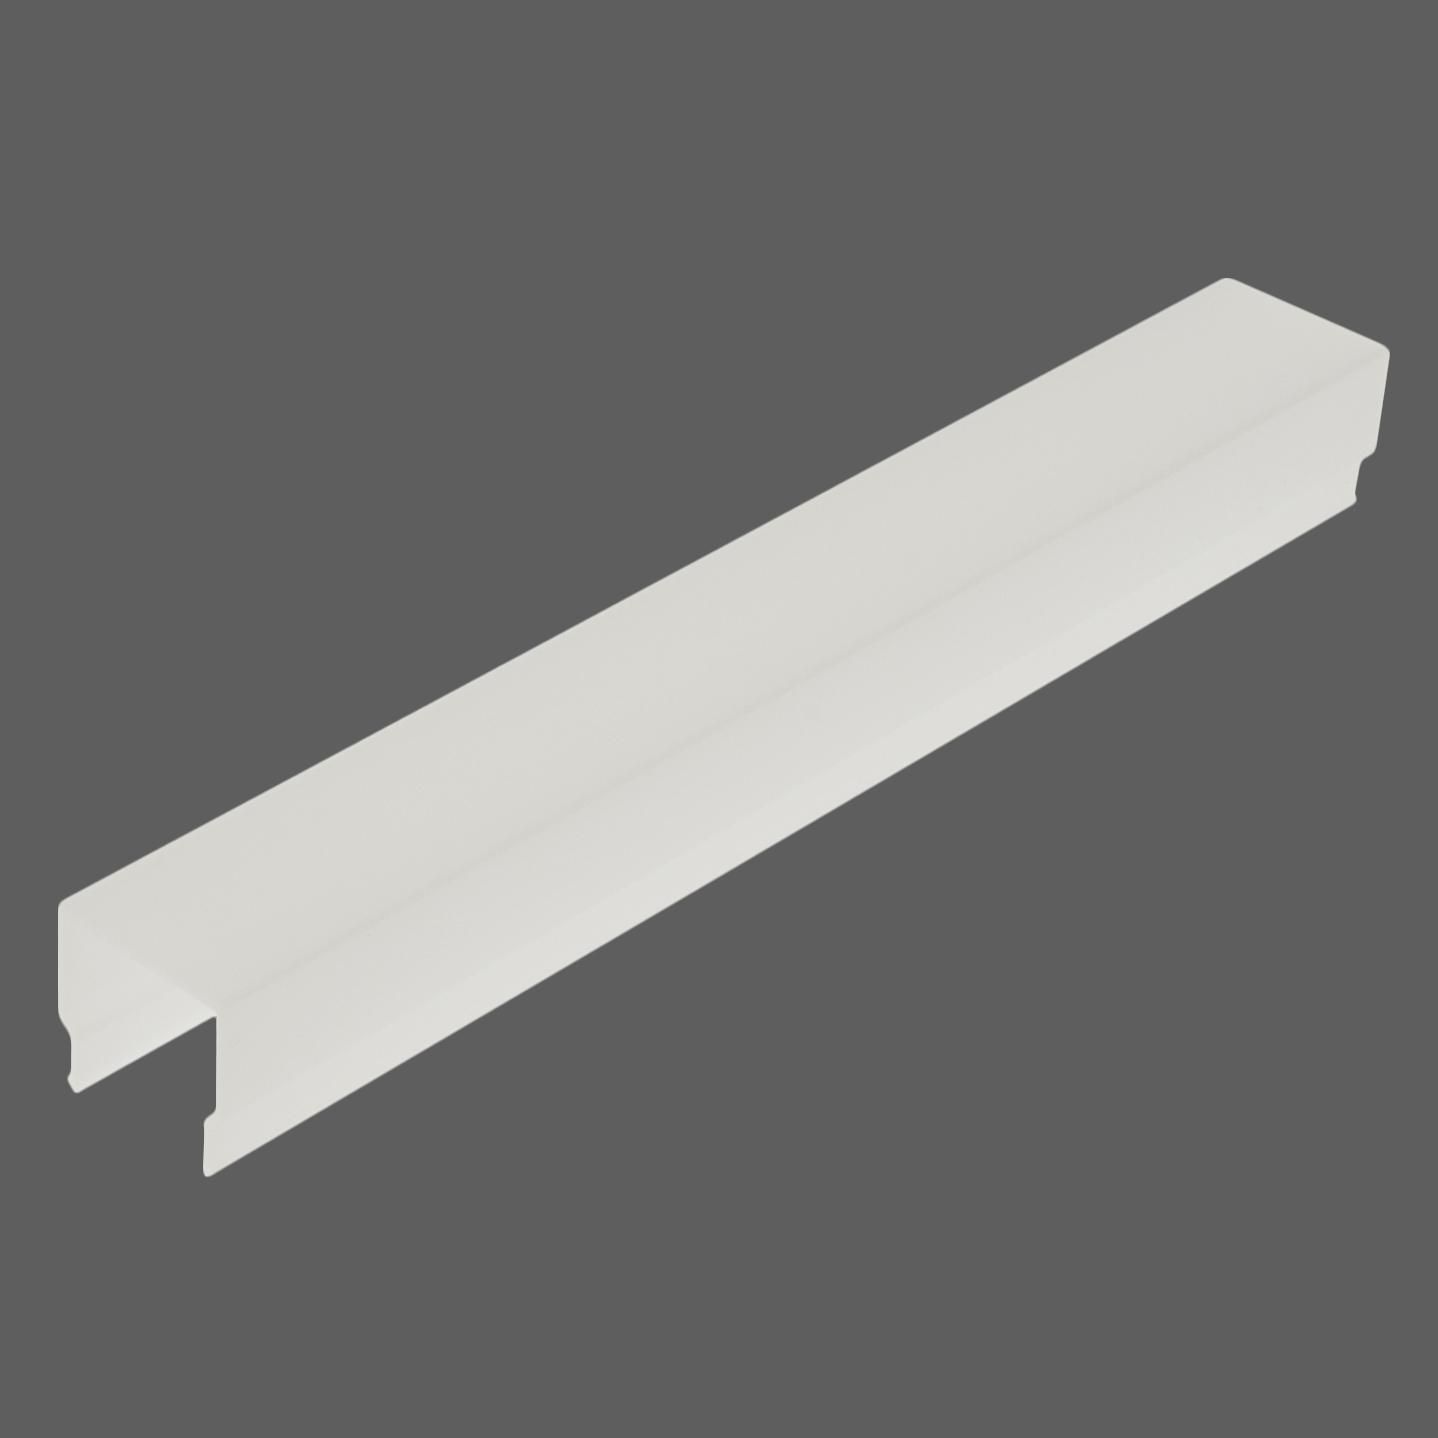 1 m PMMA Abdeckung LB Eckig / Opal 2m LIAB001009